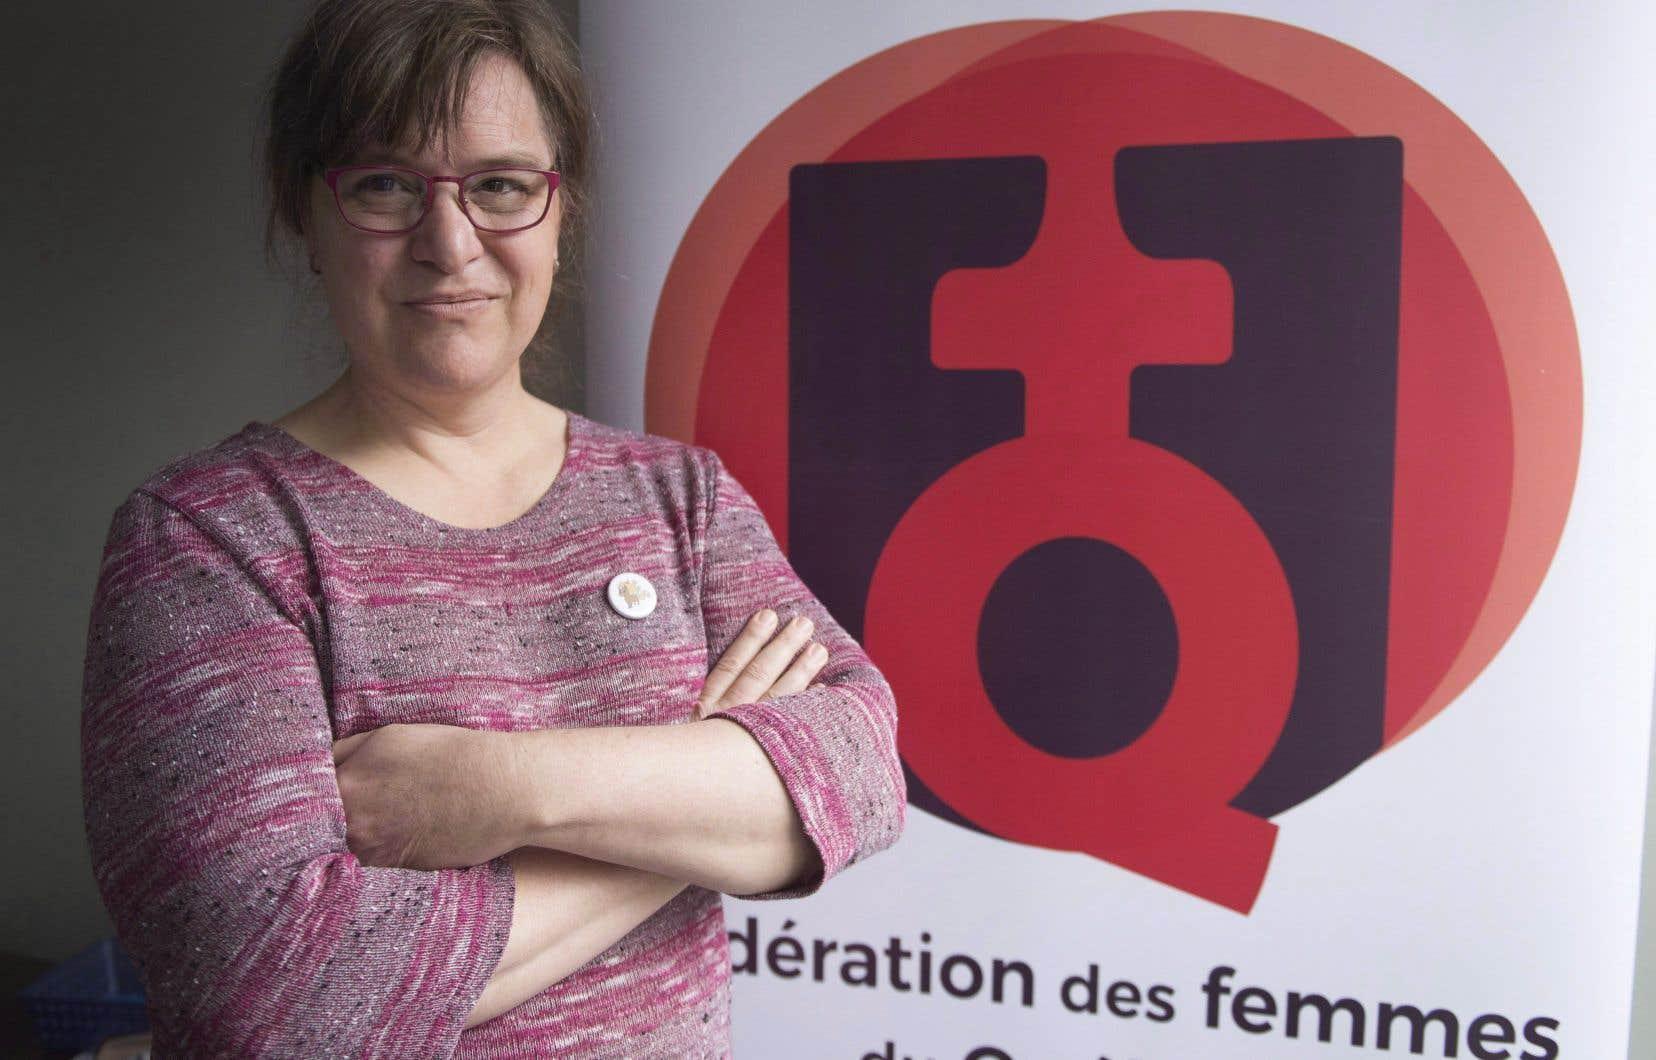 La Fédération des femmes du Québec, et sa présidente Gabrielle Bouchard, est ouvertement opposée à la <em>Loi sur la laïcité de l'État</em> adoptée par l'Assemblée nationale en juin dernier.